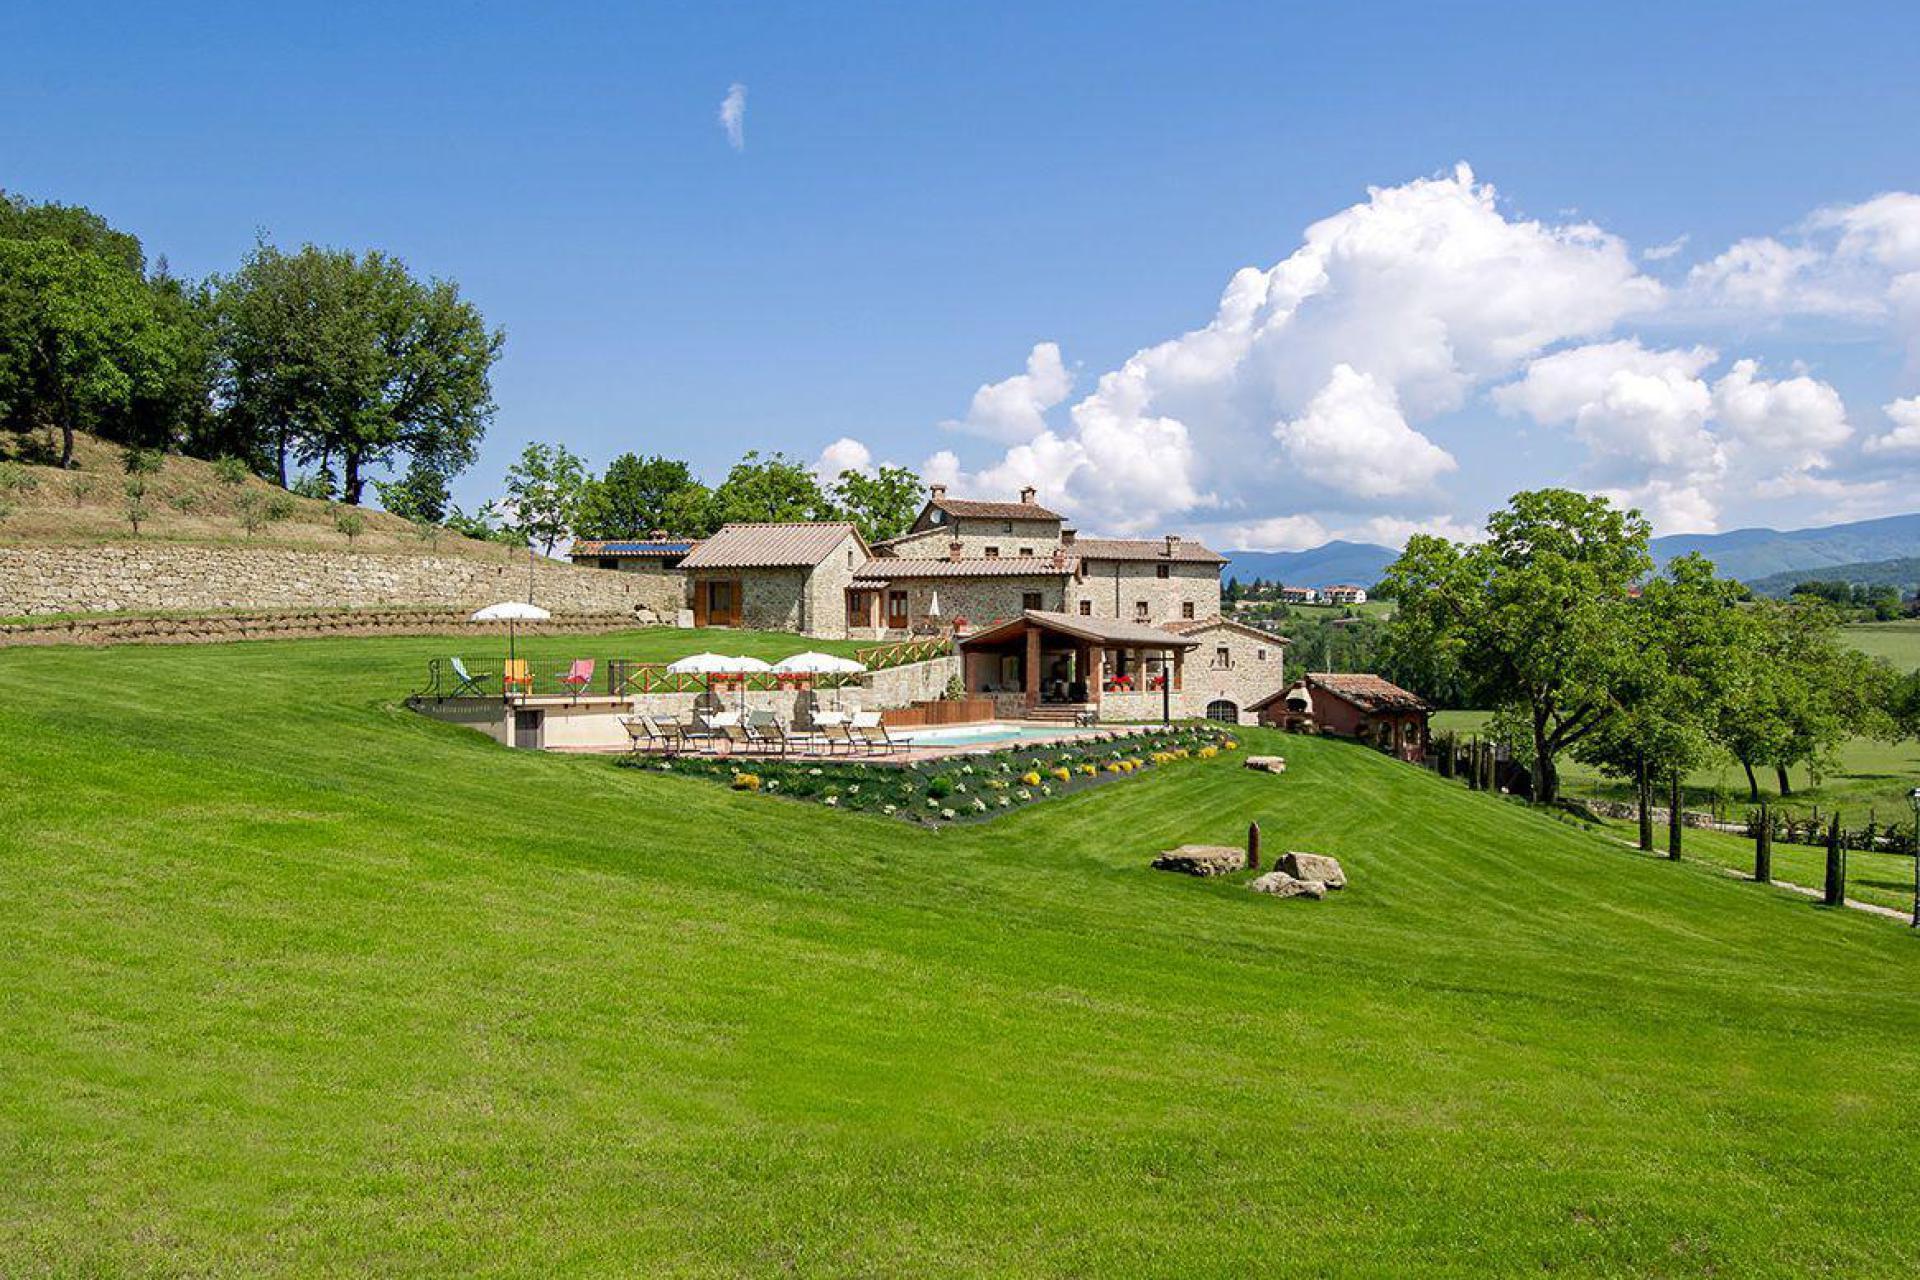 Agriturismo Toskana Eleganter Agriturismo, mit schönem Blick auf Siena